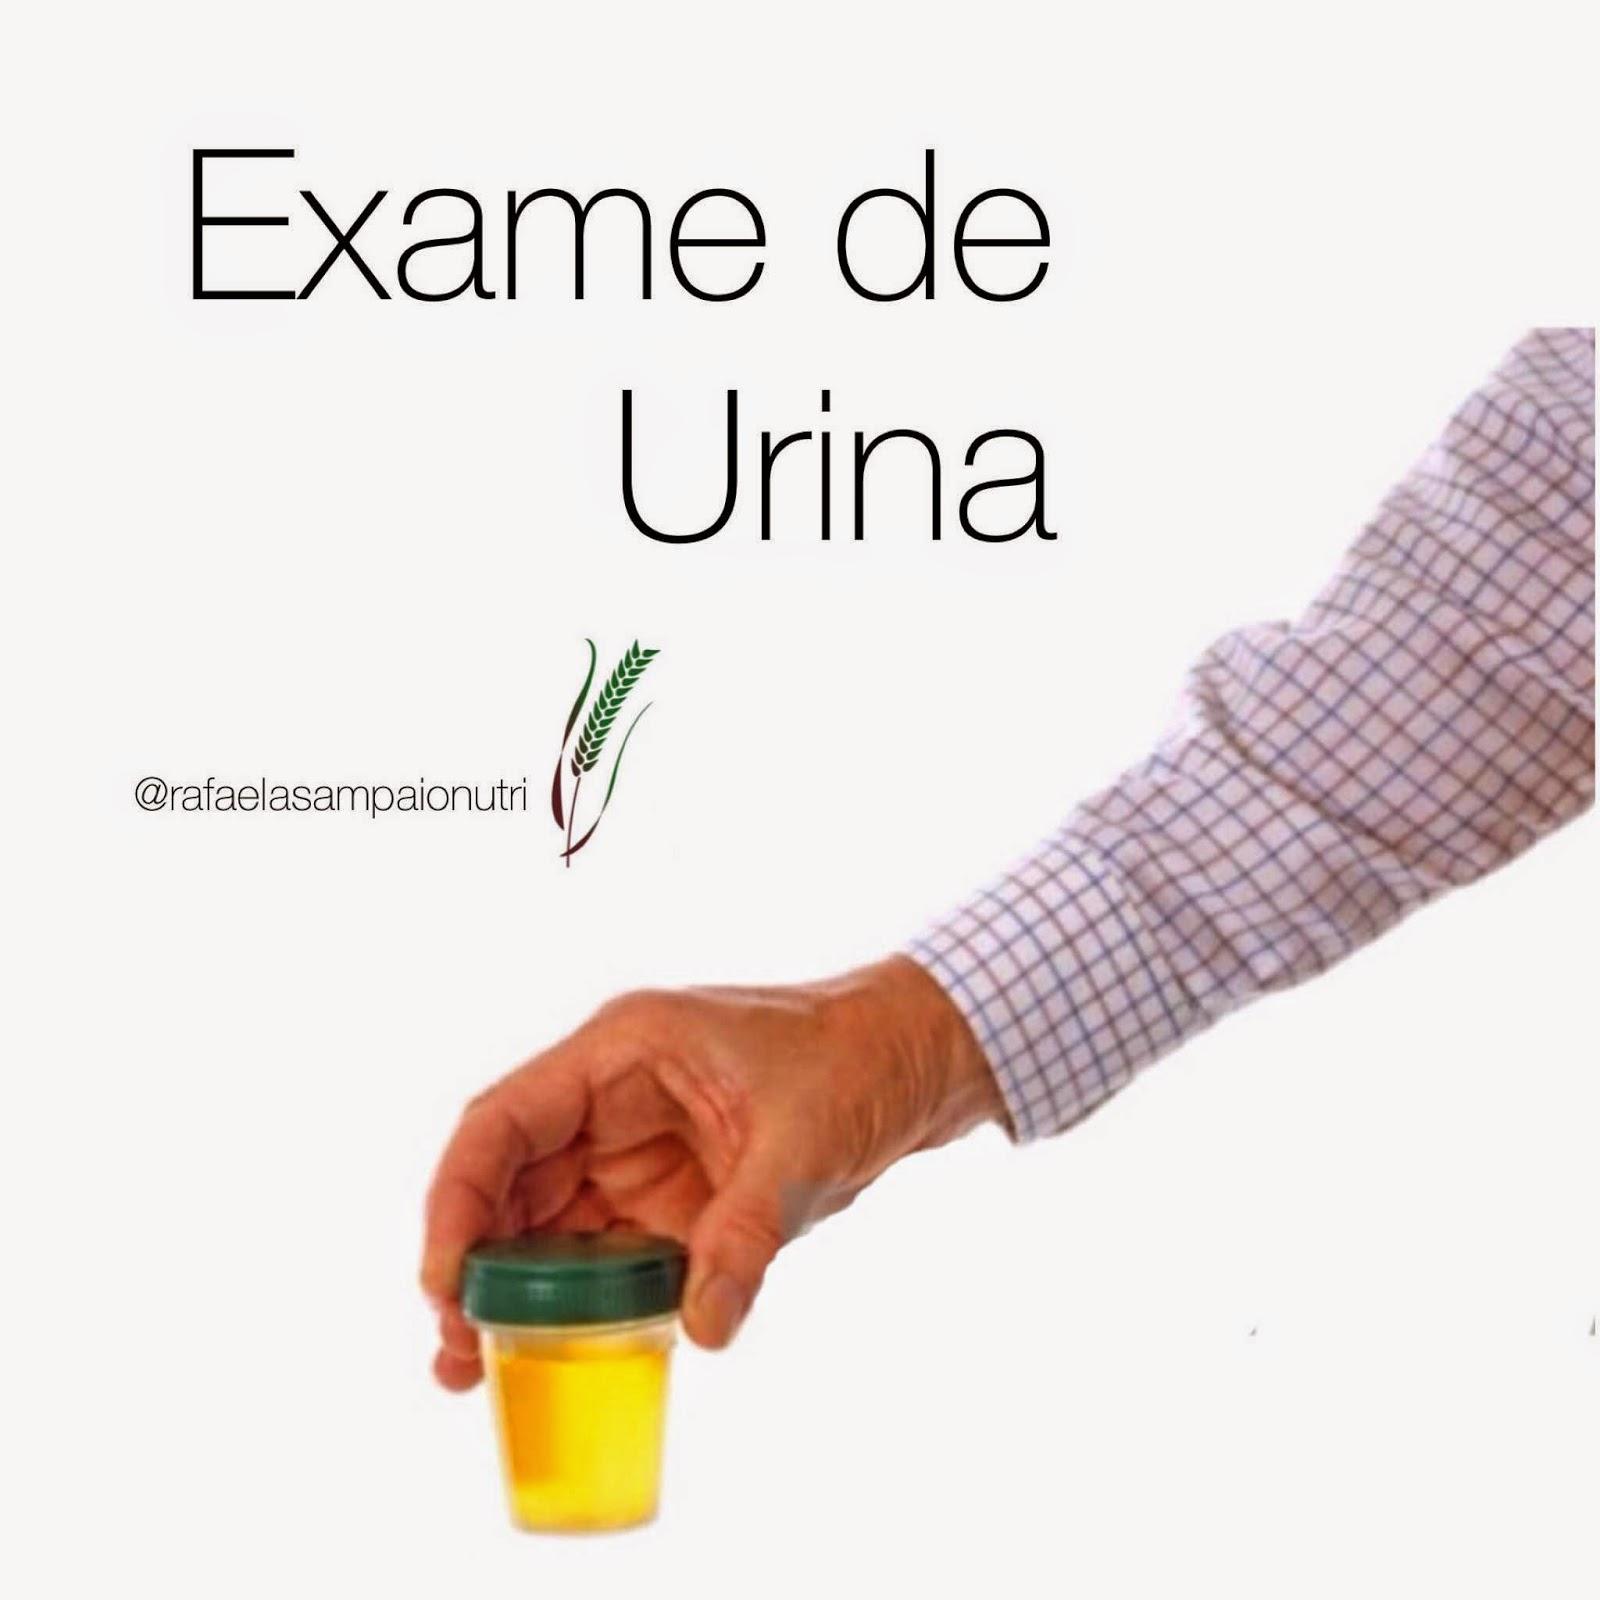 Pode fazer exame de urina menstruada